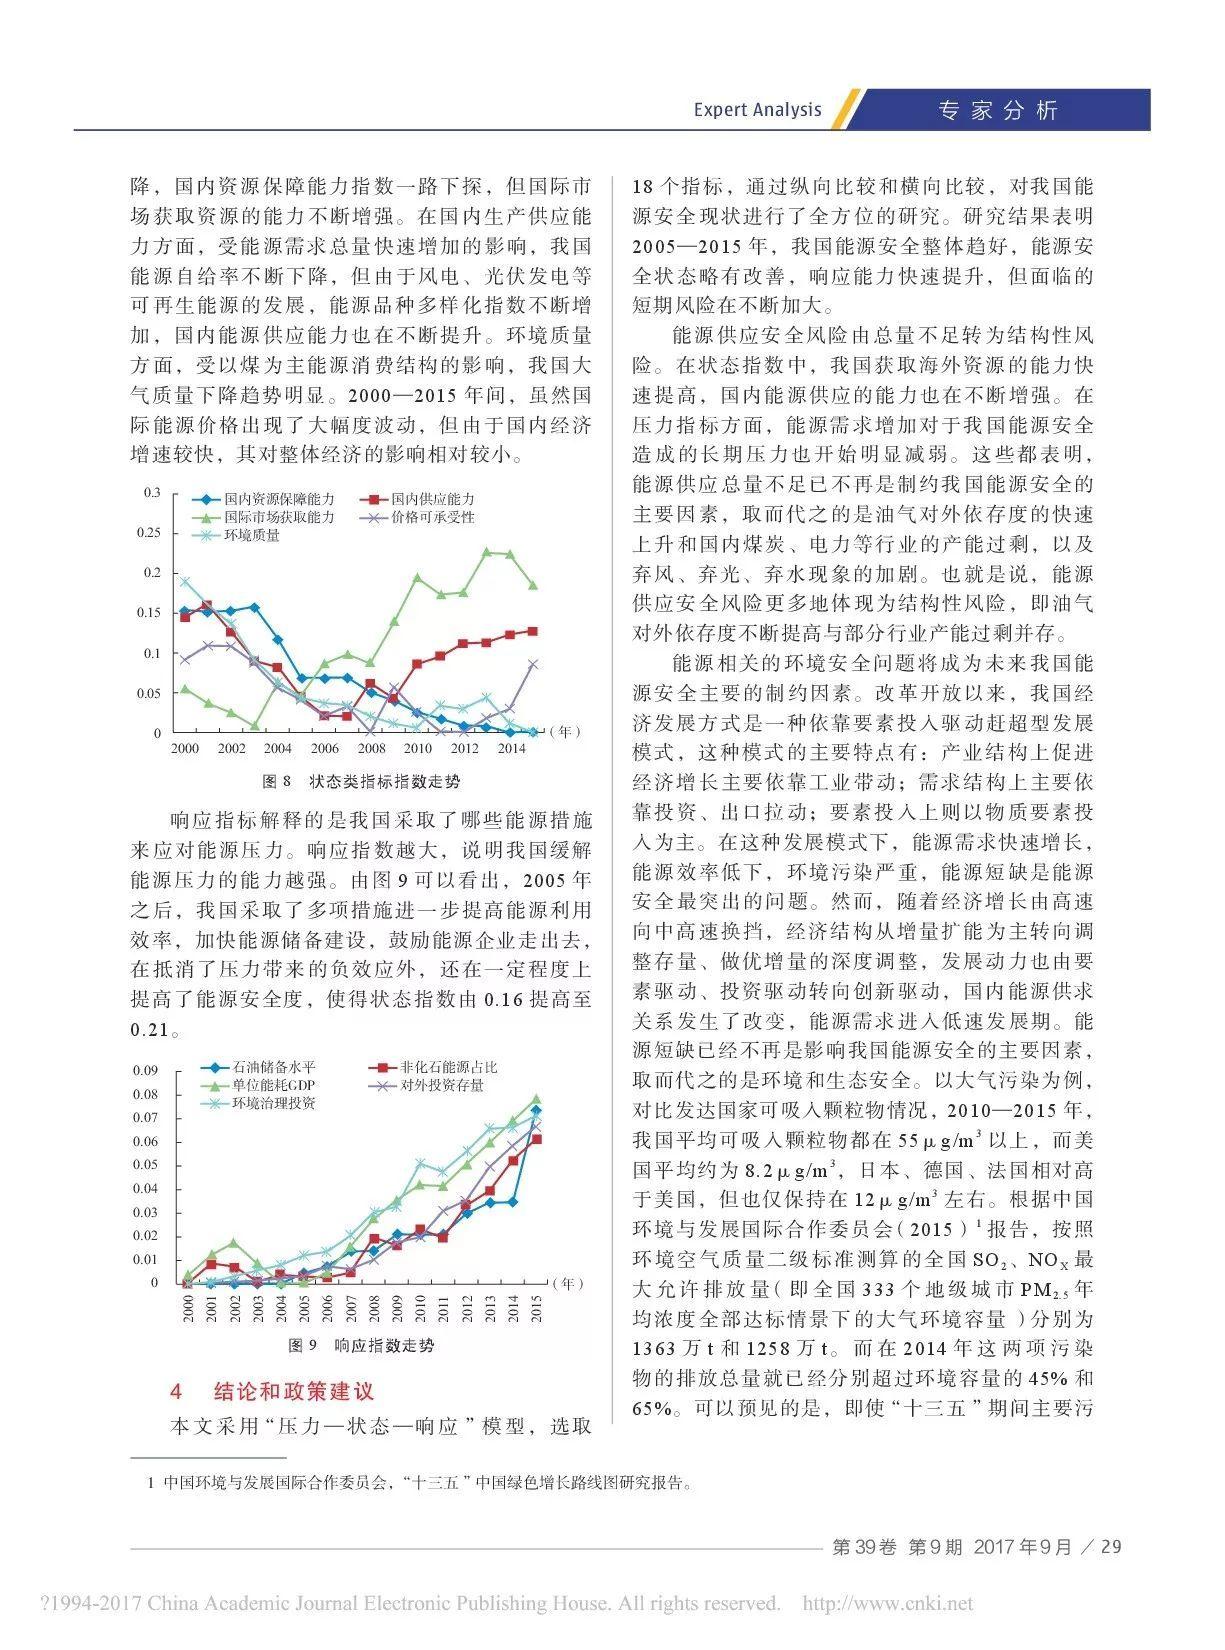 全球环境问题探析论文doc下载_爱问共享资料